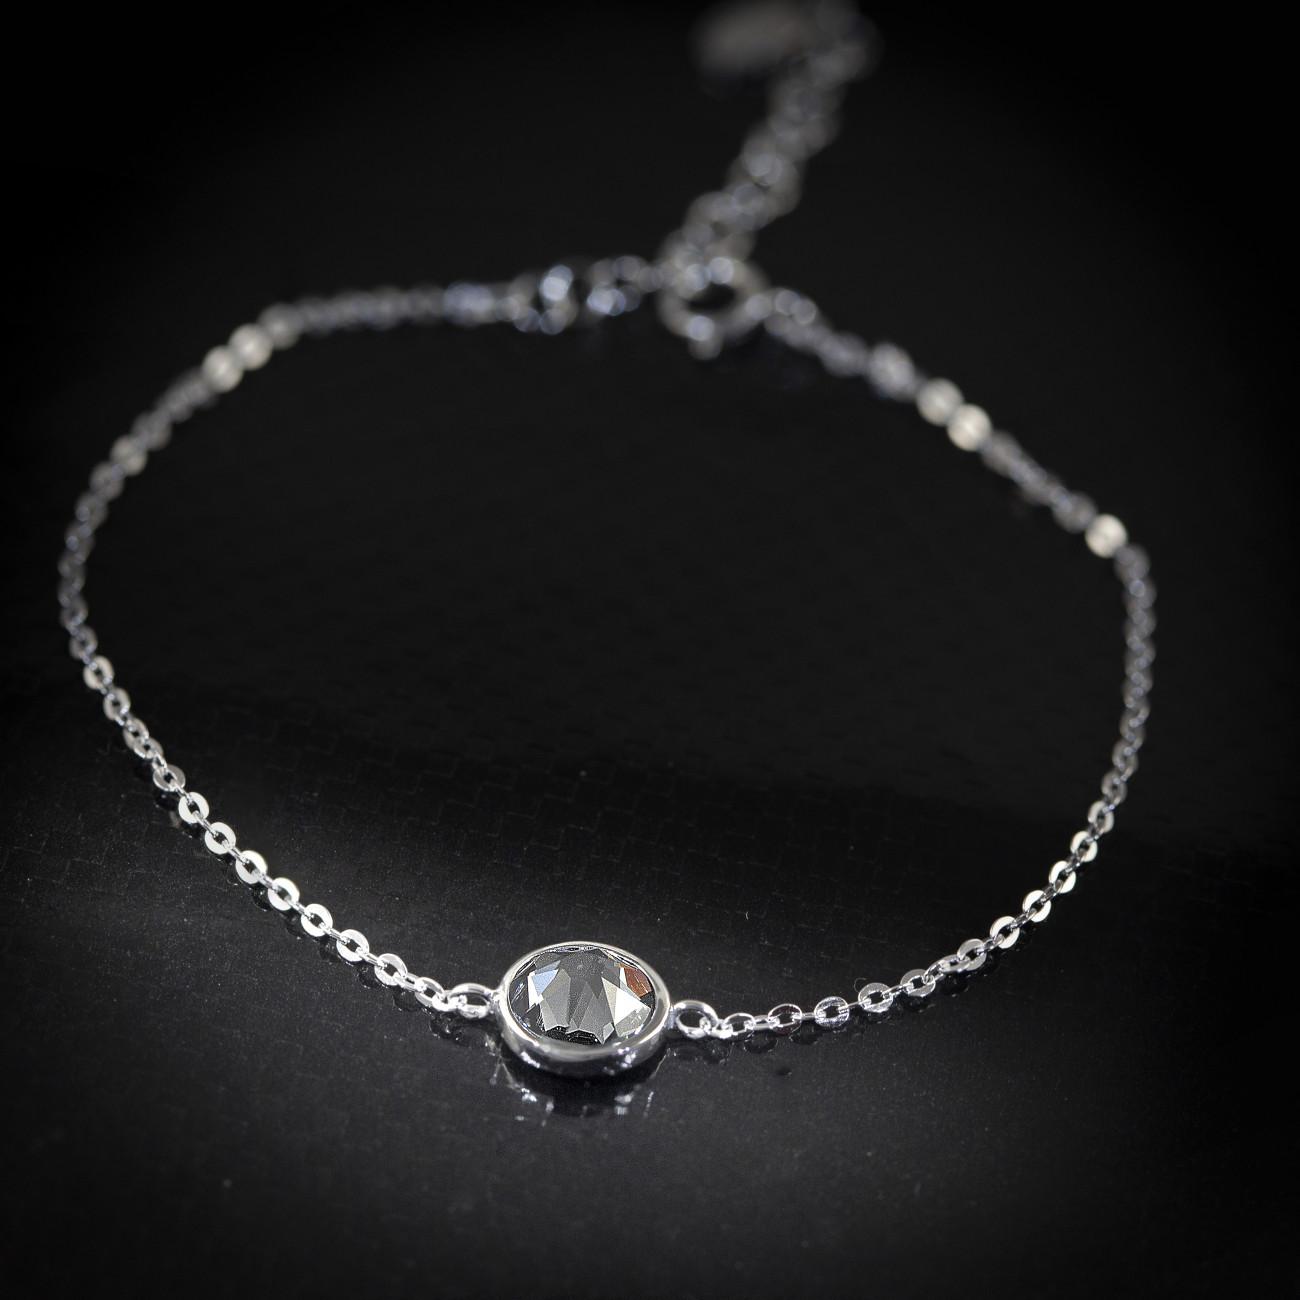 Stříbrný náramek Savour s pravým krystalem Swarovski - silver night